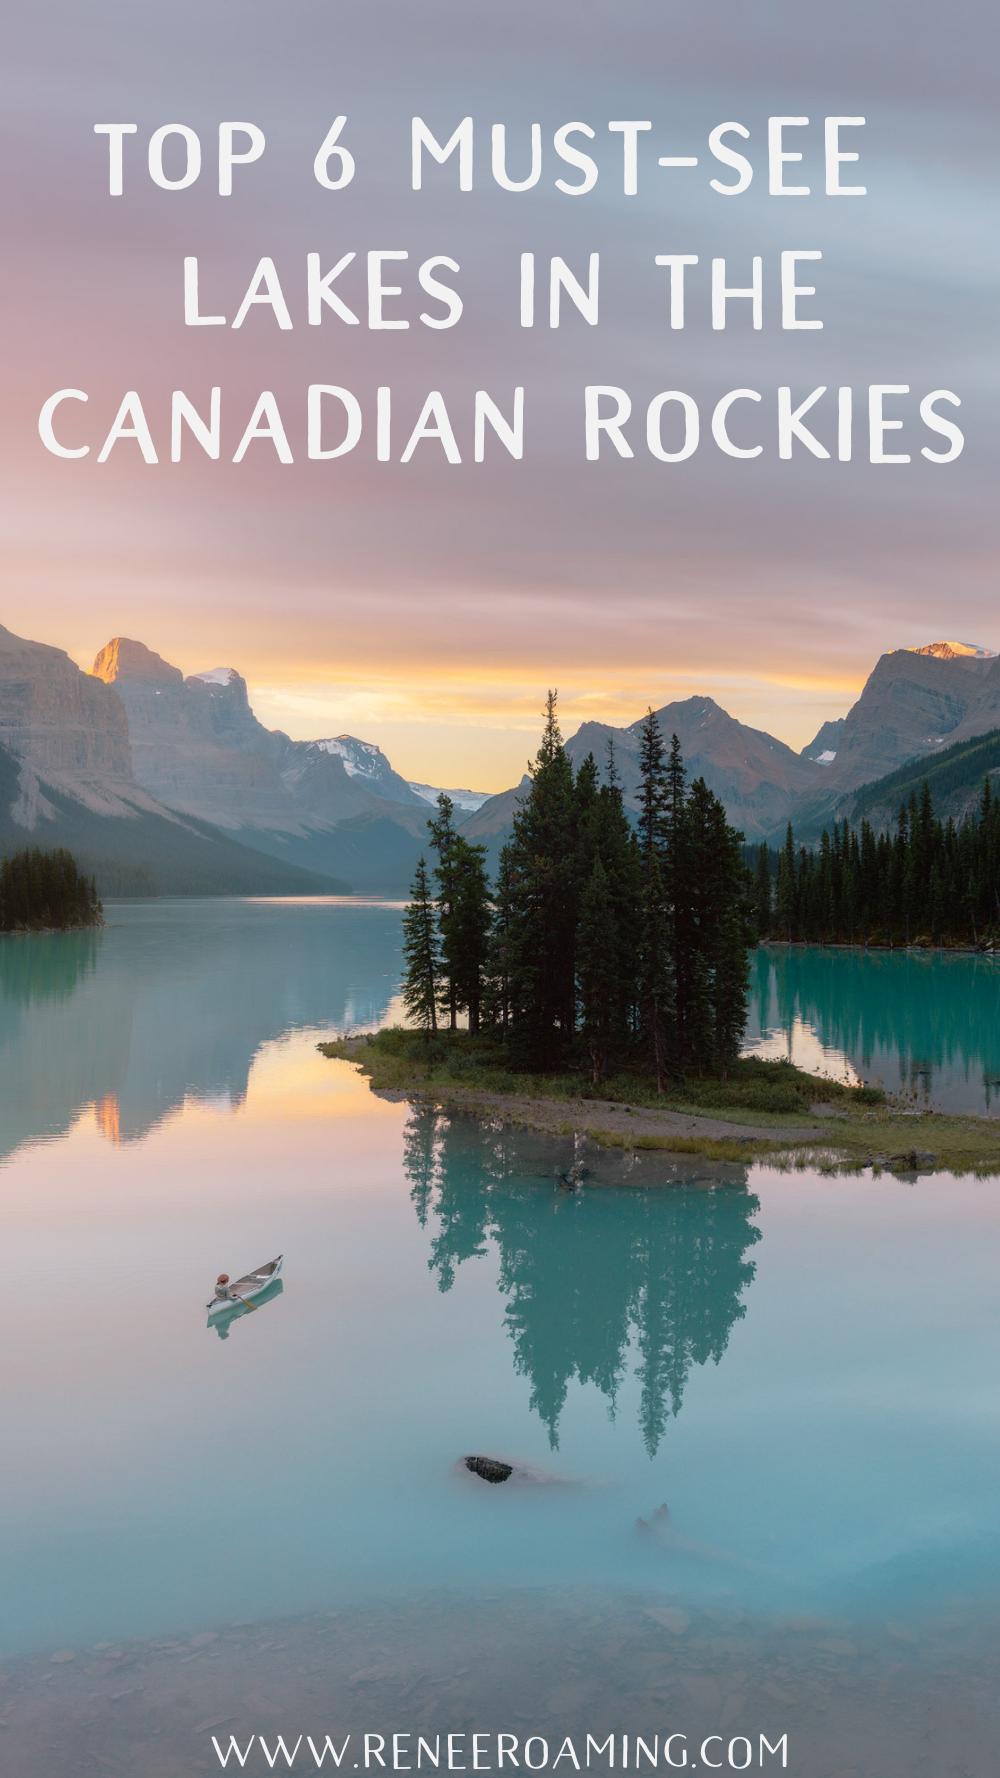 Top 6 Must-See Lakes in the Canadian Rockies - Renee Roaming - Maligne Lake Lake Louise Moraine Lake Peyto Lake Bow Lake Banff Yoho